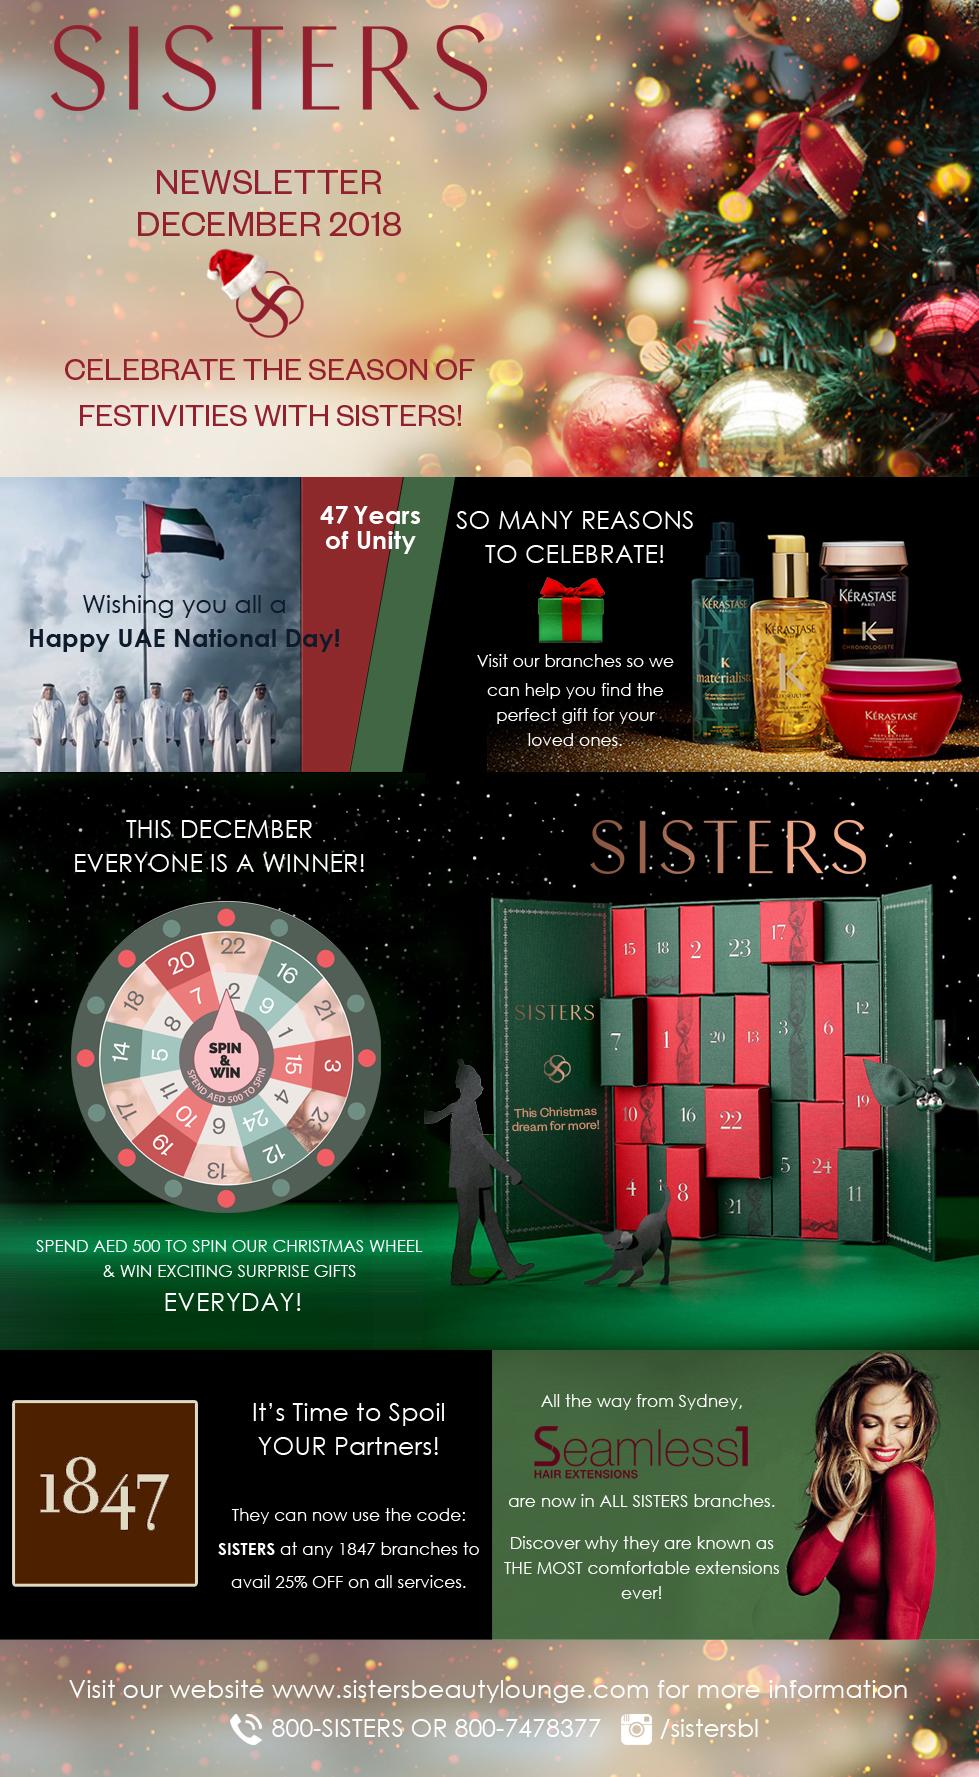 Sisters-Newsletter-November